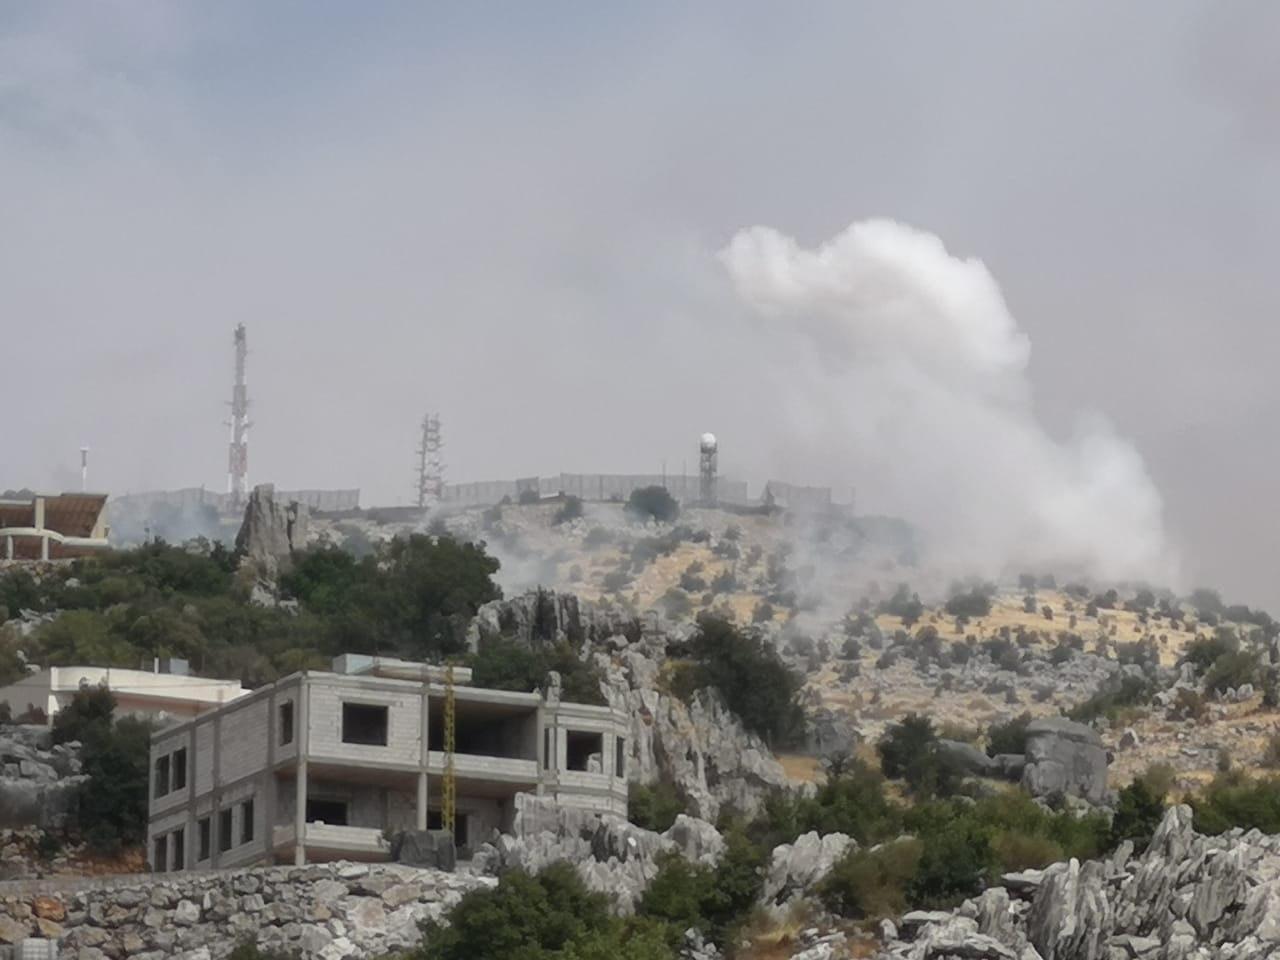 عکس  درگیری در مرزهای لبنان و اسرائیل